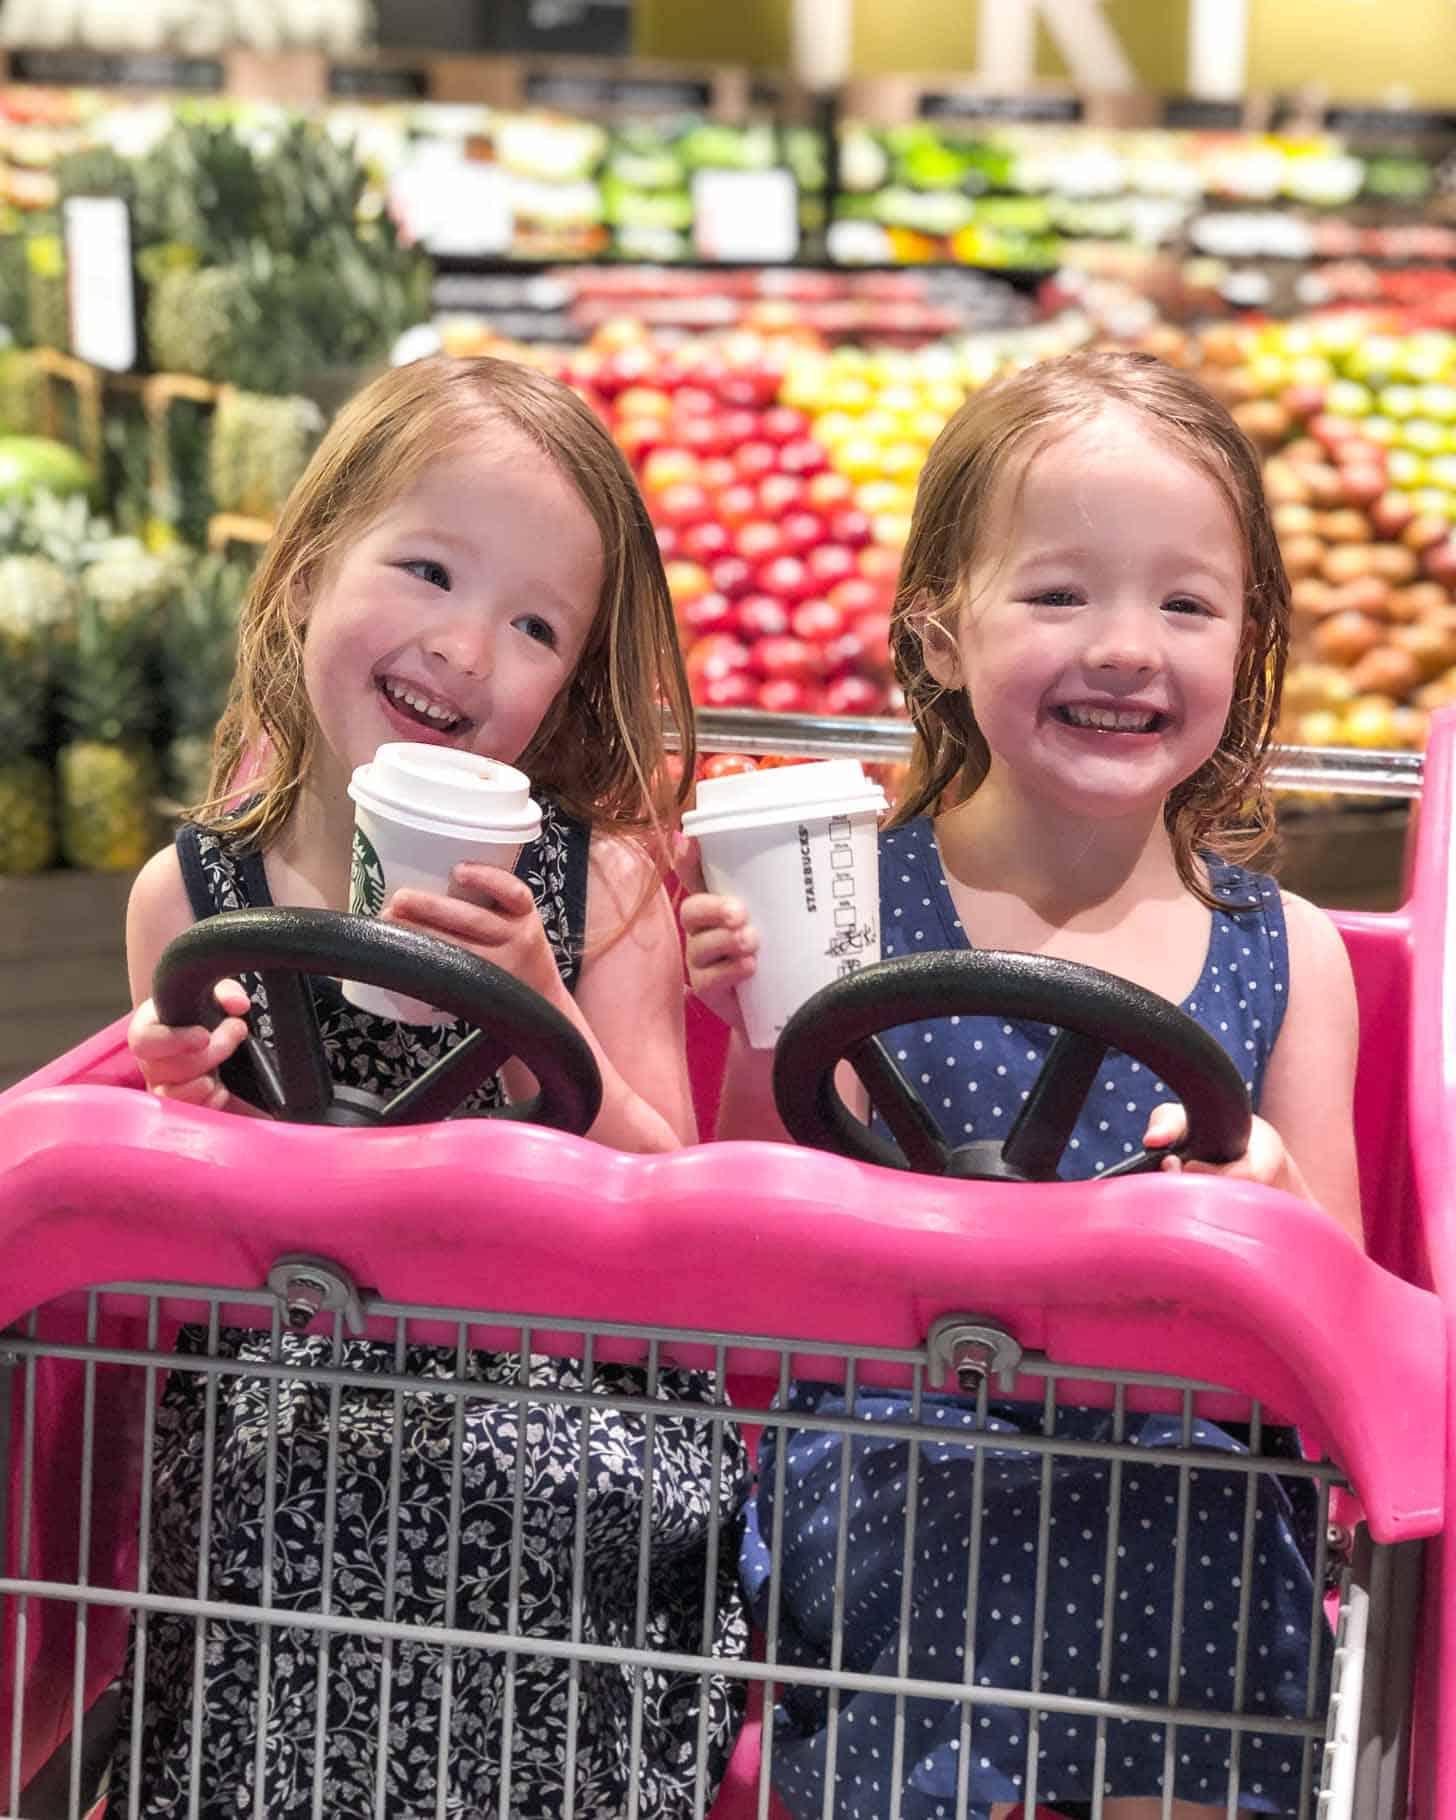 Twins at Starbucks